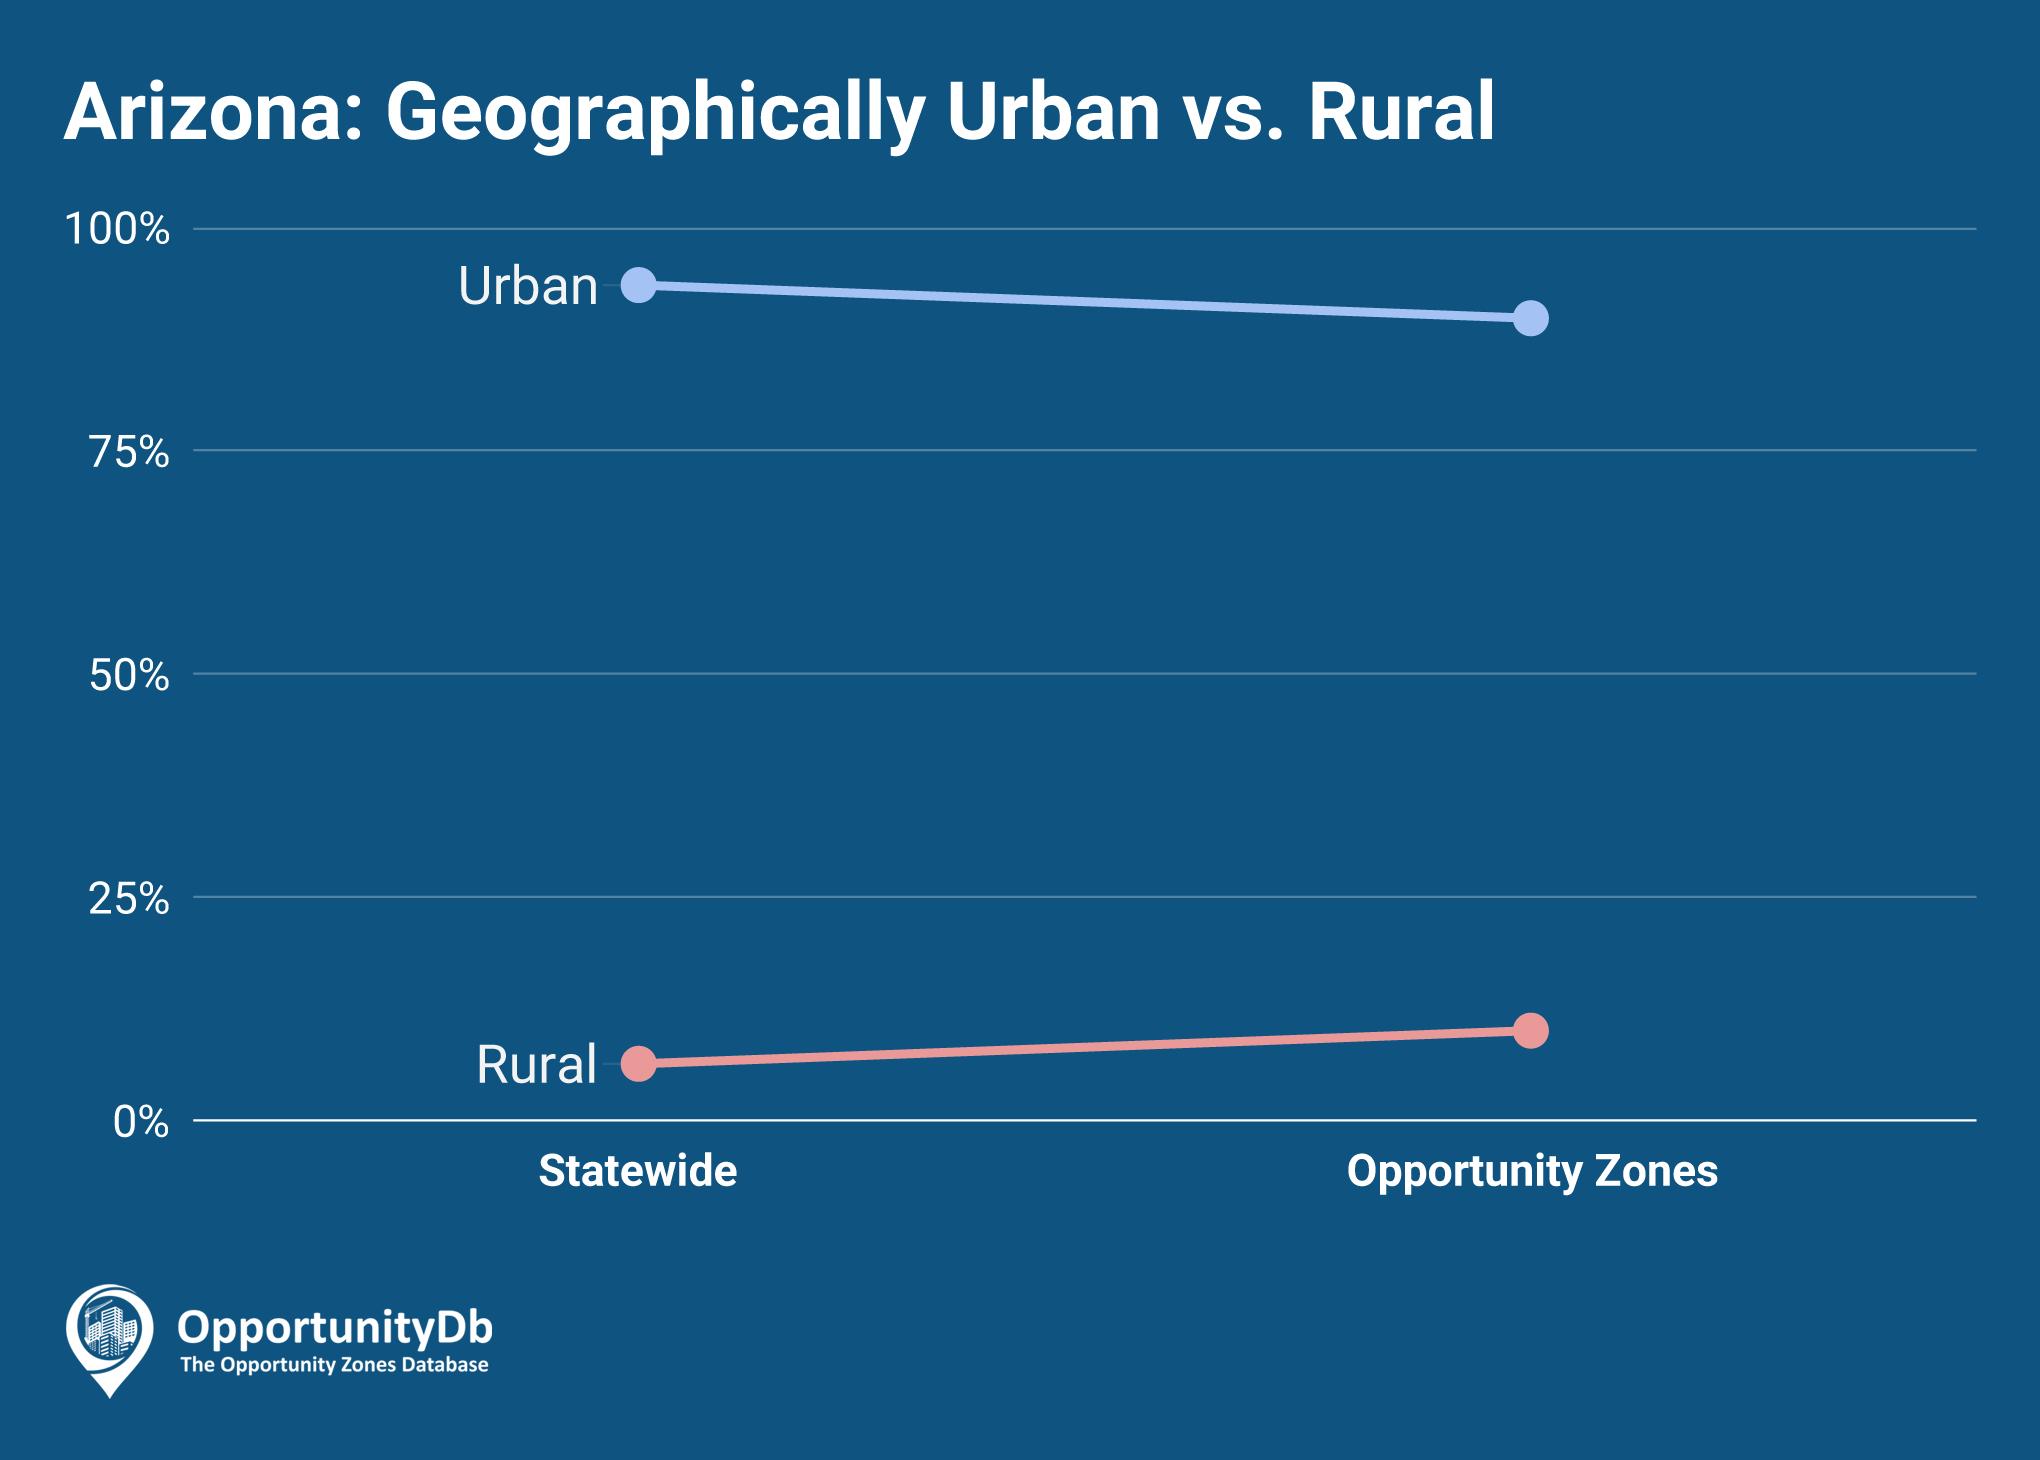 Urban vs. Rural in Arizona Opportunity Zones